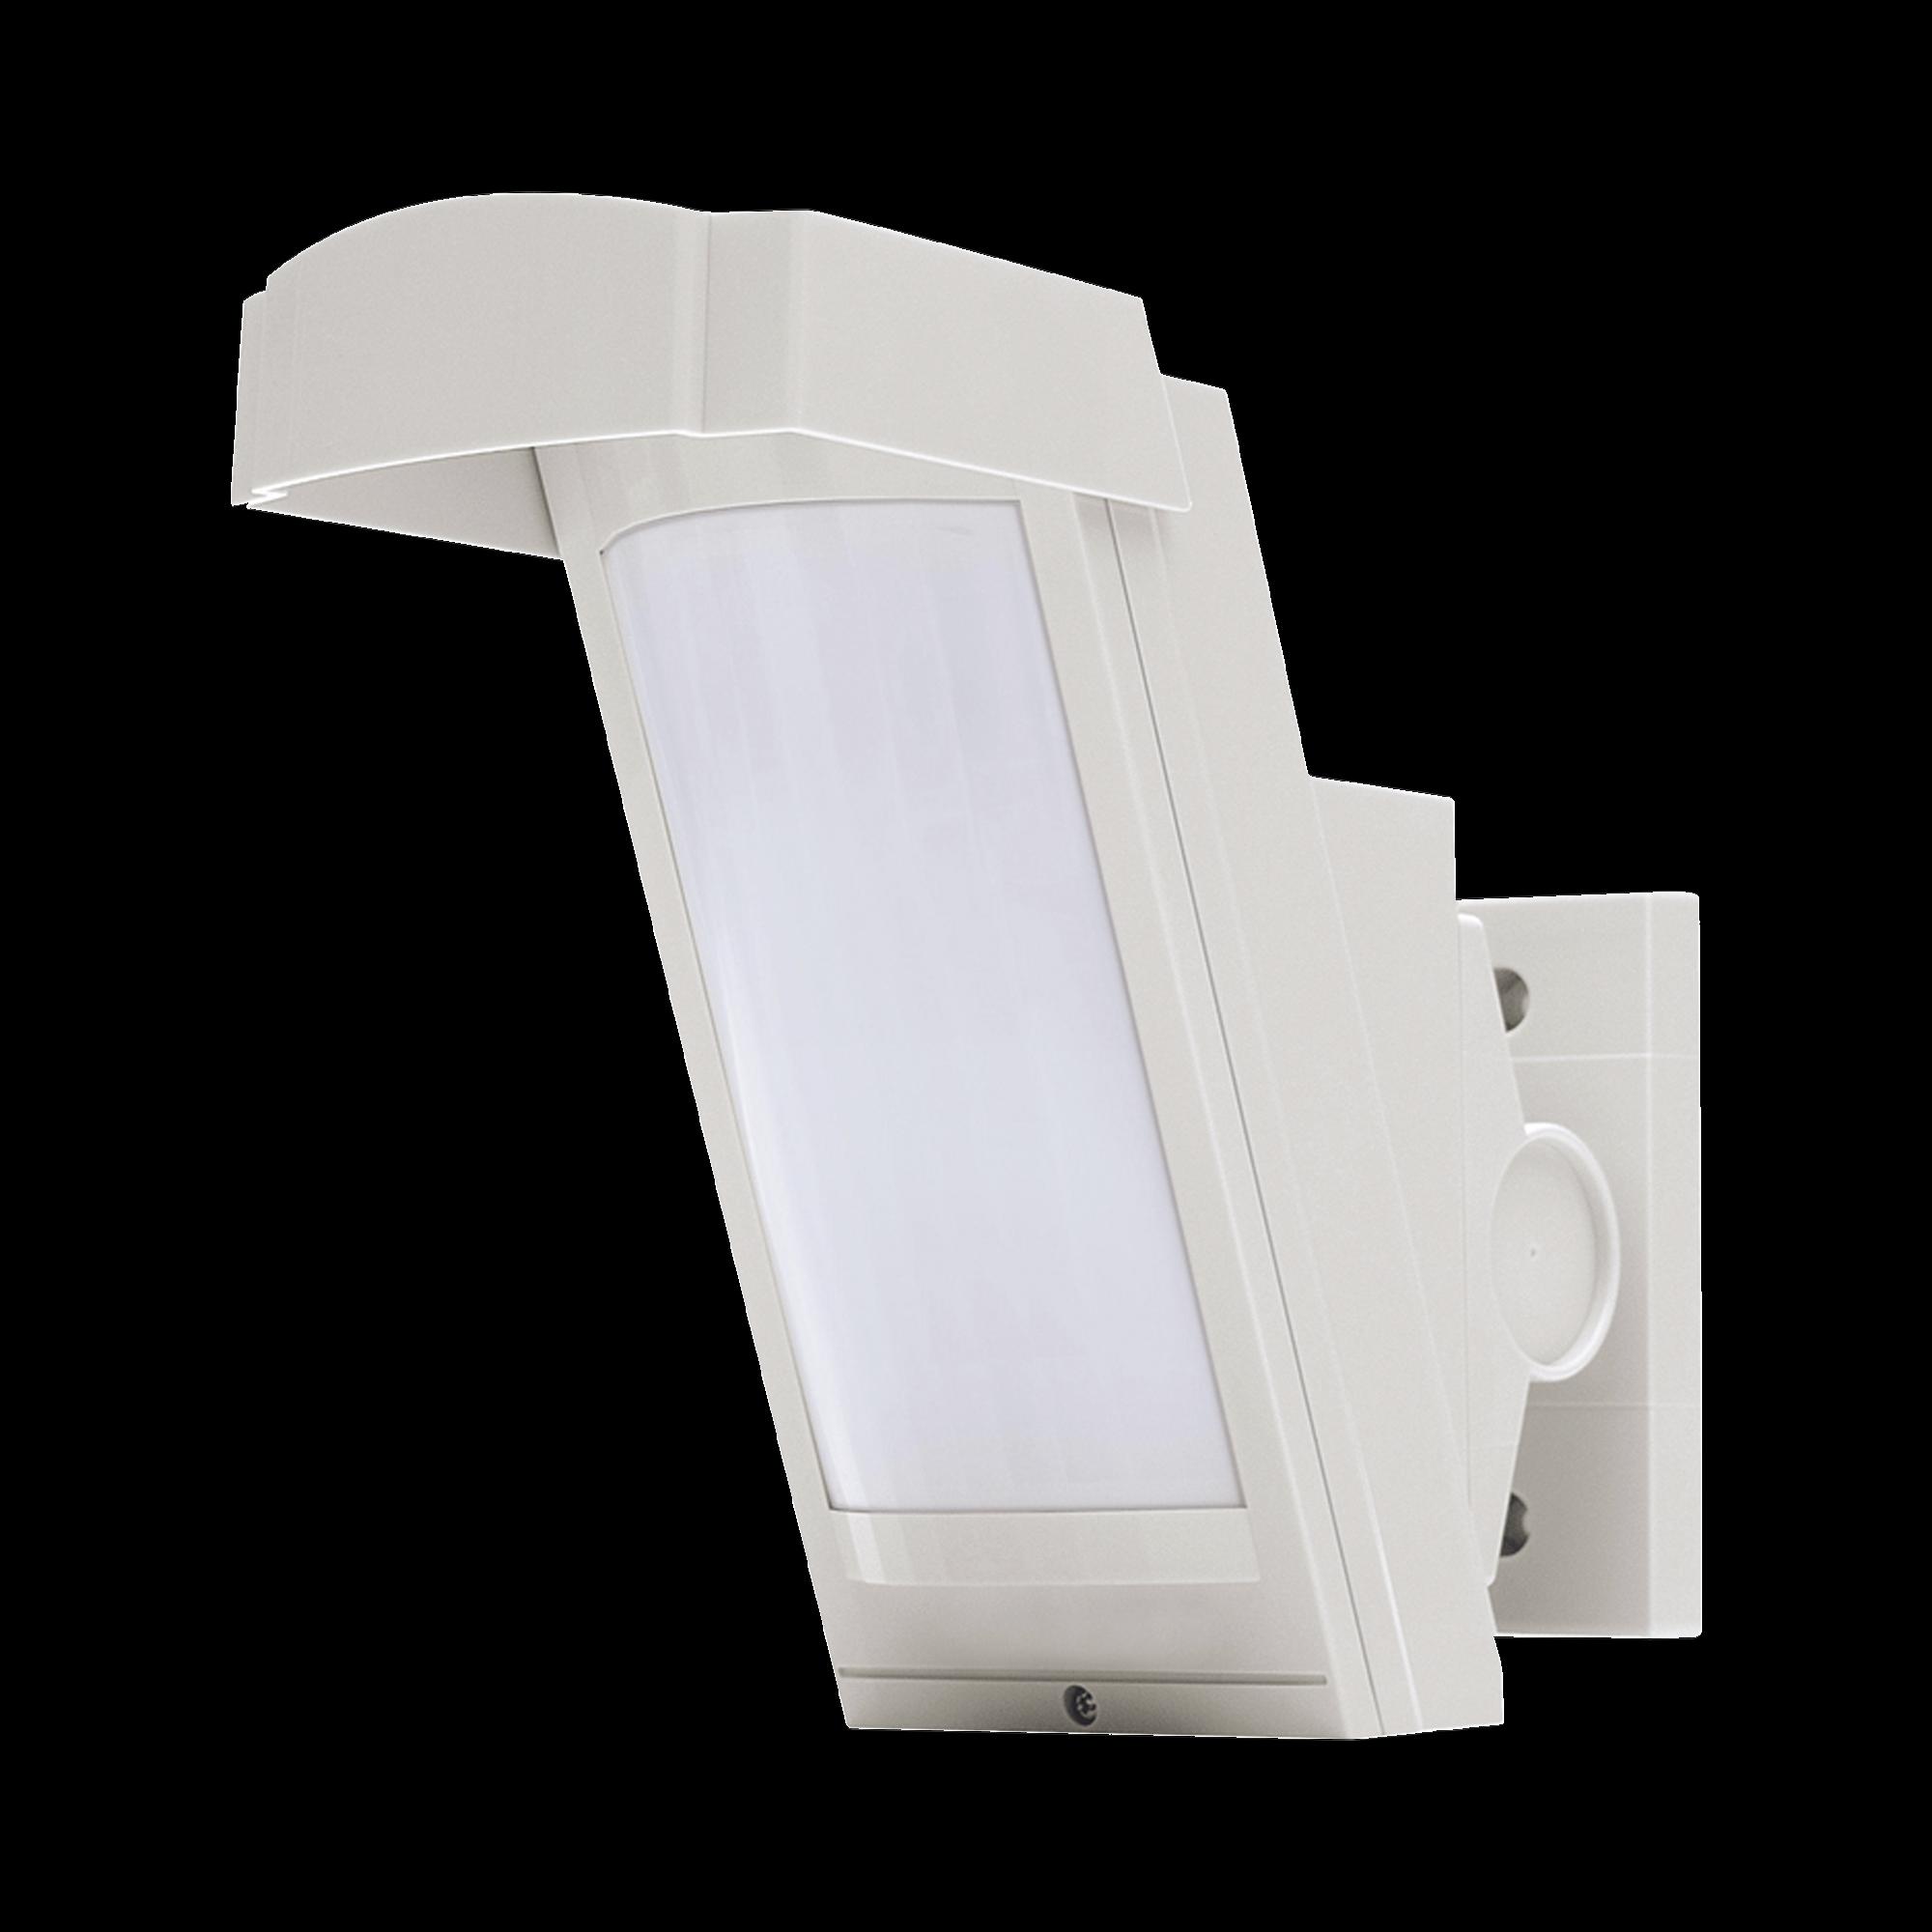 Detector de Movimiento / 100% Exterior /  Cableado / Hasta 12 metros a 85? de cobertura/ Instalación a 3 metros / Compatible con cualquier panel de alarma